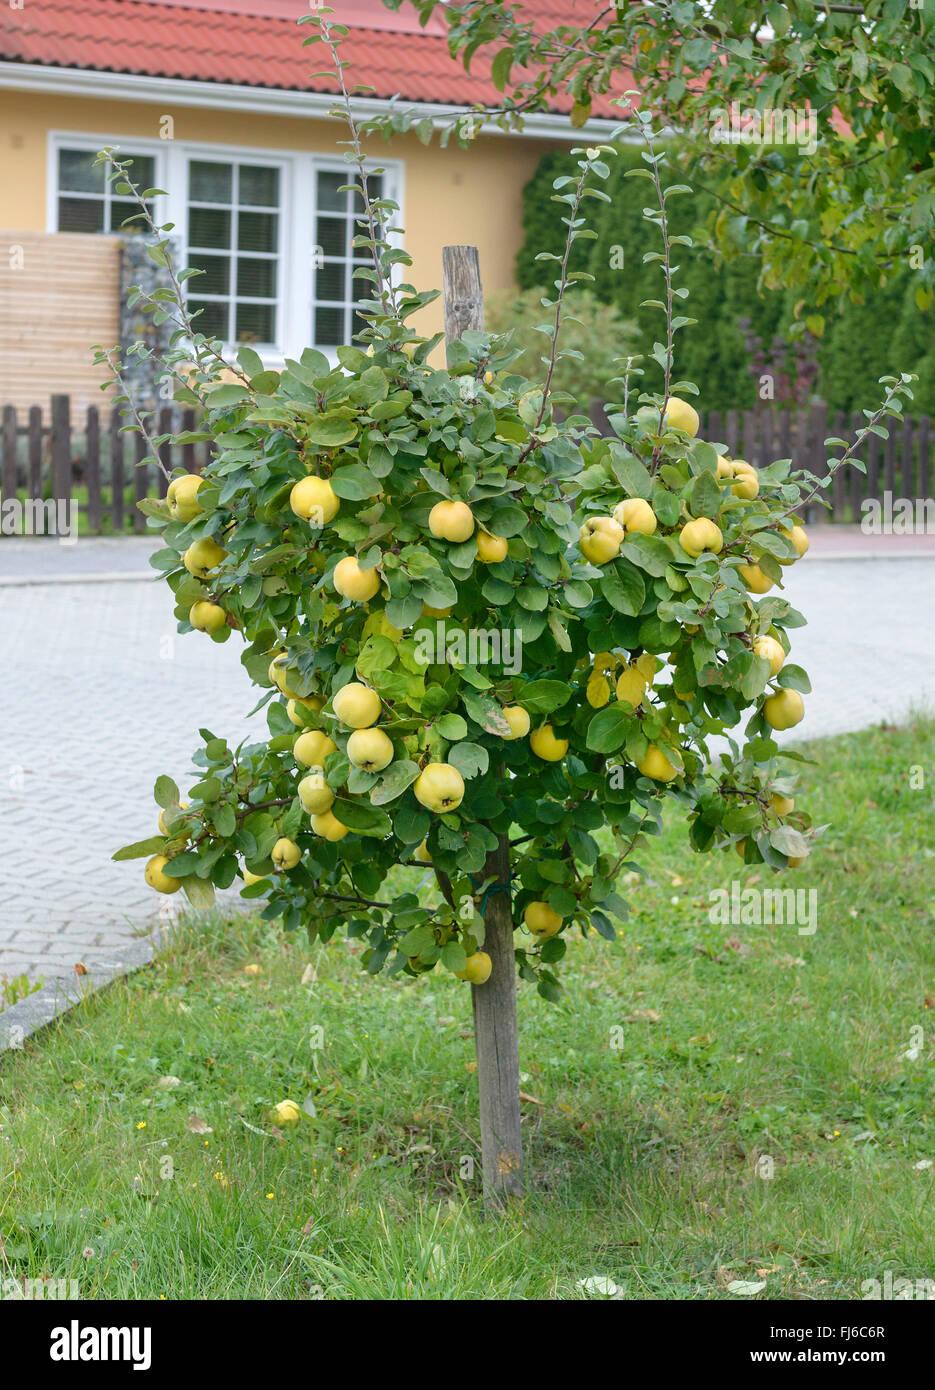 Gemeinsamen Quitte (Cydonia Oblonga 'Konstantinopeler', Cydonia Oblonga Konstantinopeler), Frucht auf einem Stockbild